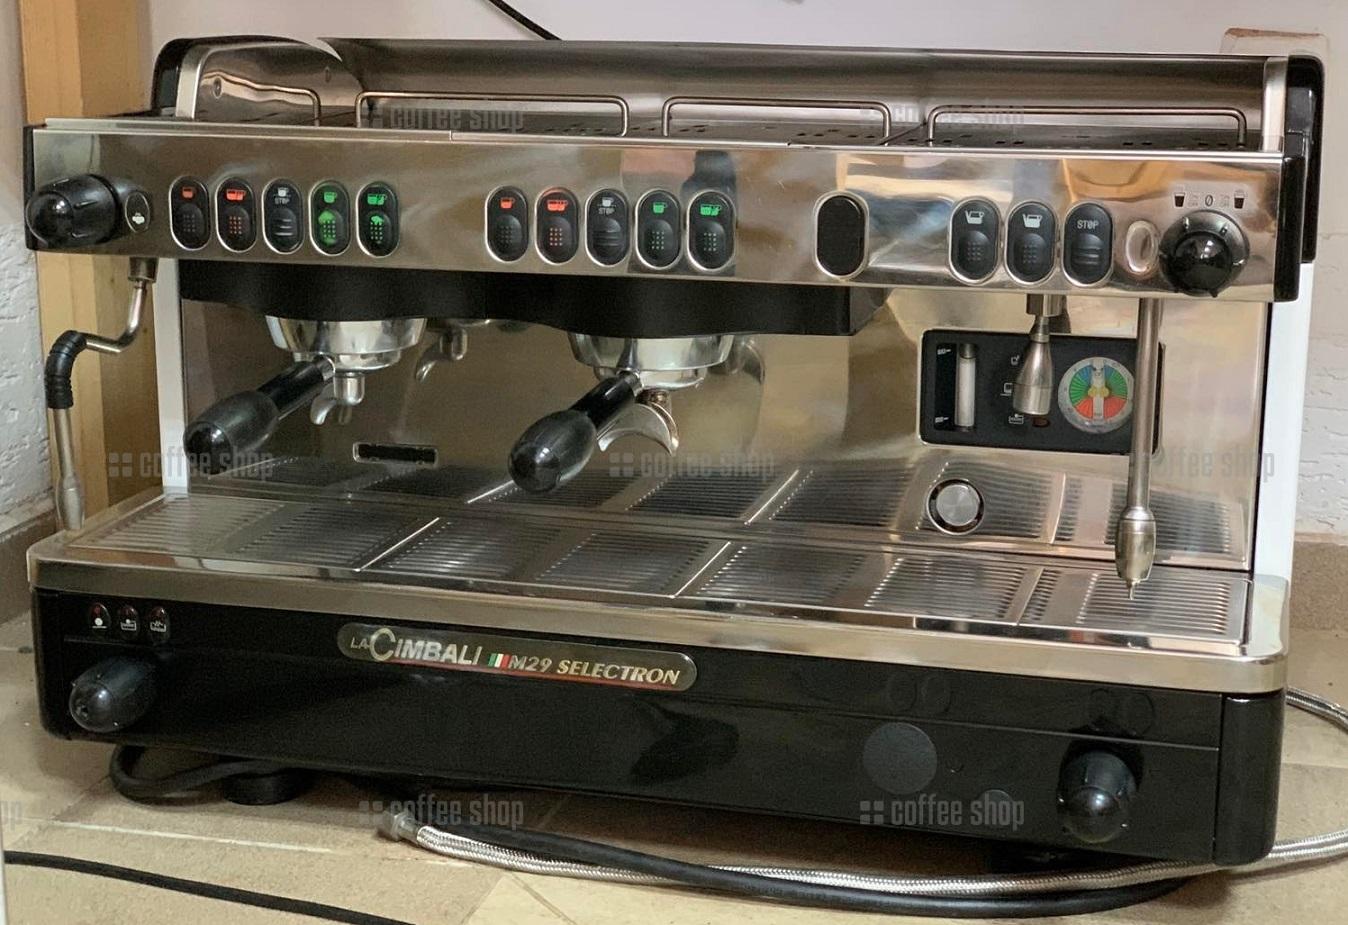 1665 | Кофемашина профессиональная La Cimbali M29 Selectron DT2 б/у | Coffee Shop